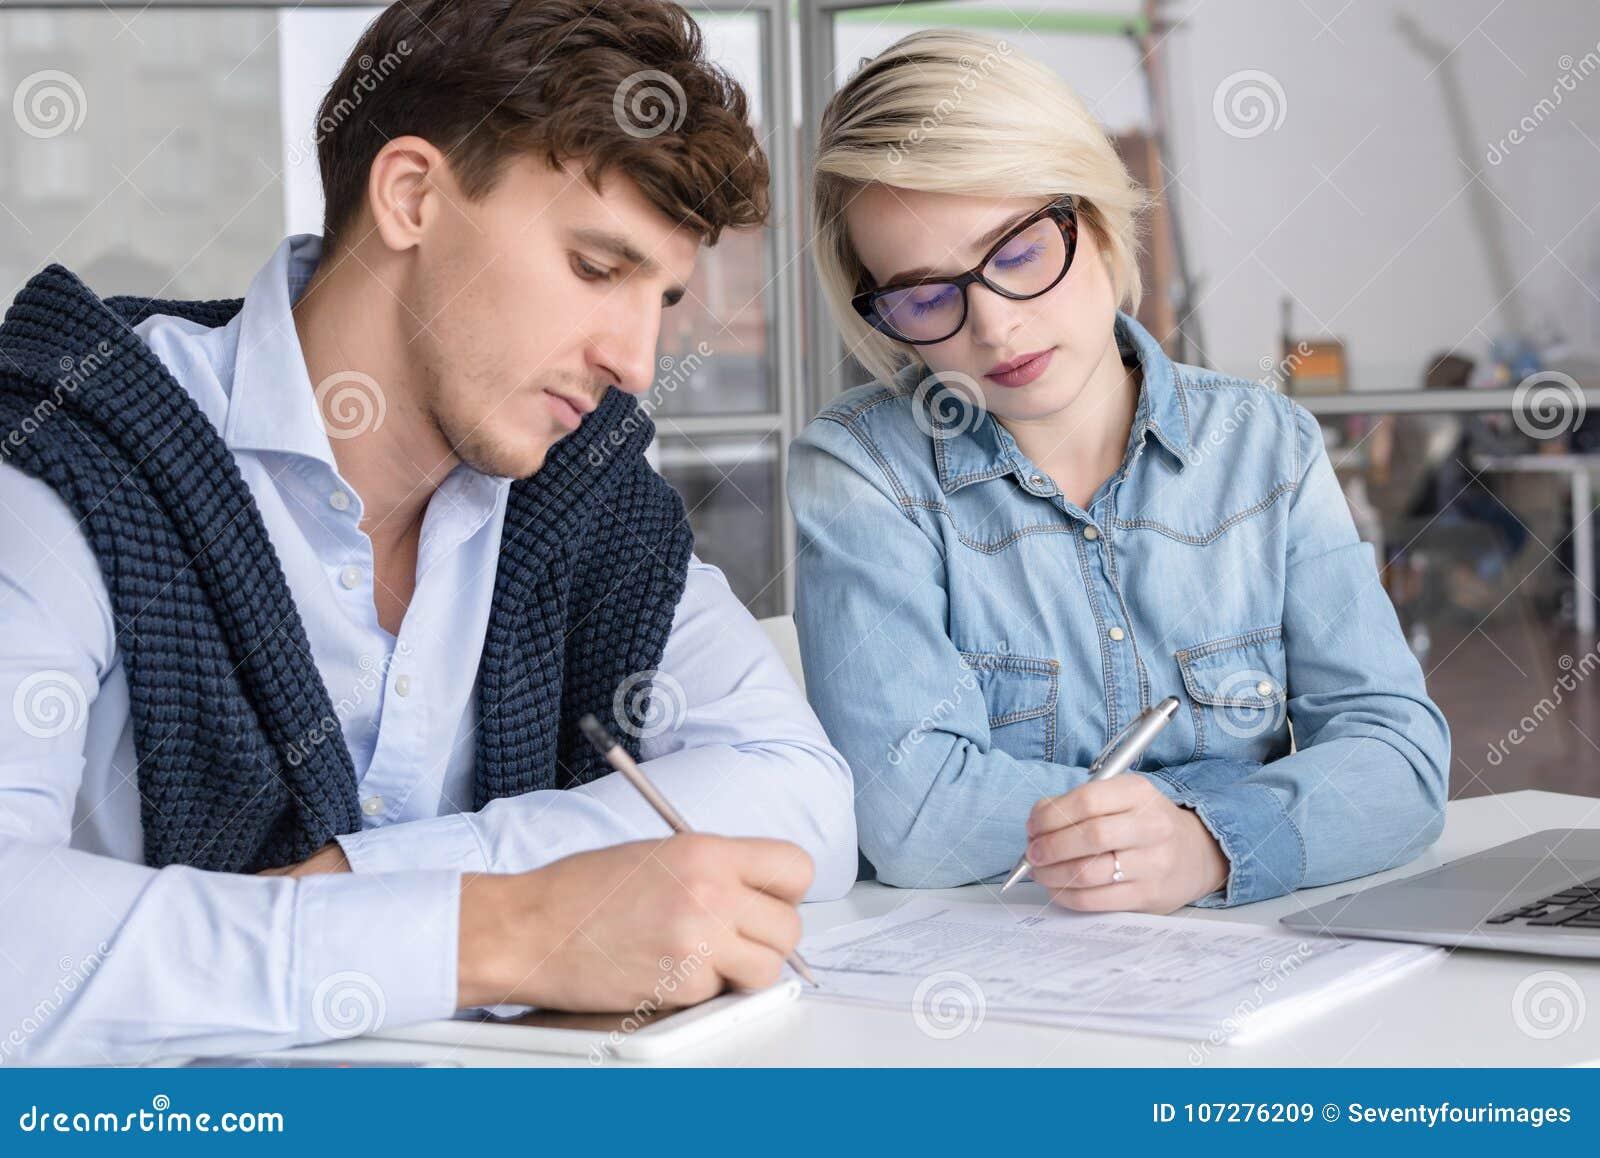 Zwei junge Geschäftsleute, die im Büro arbeiten